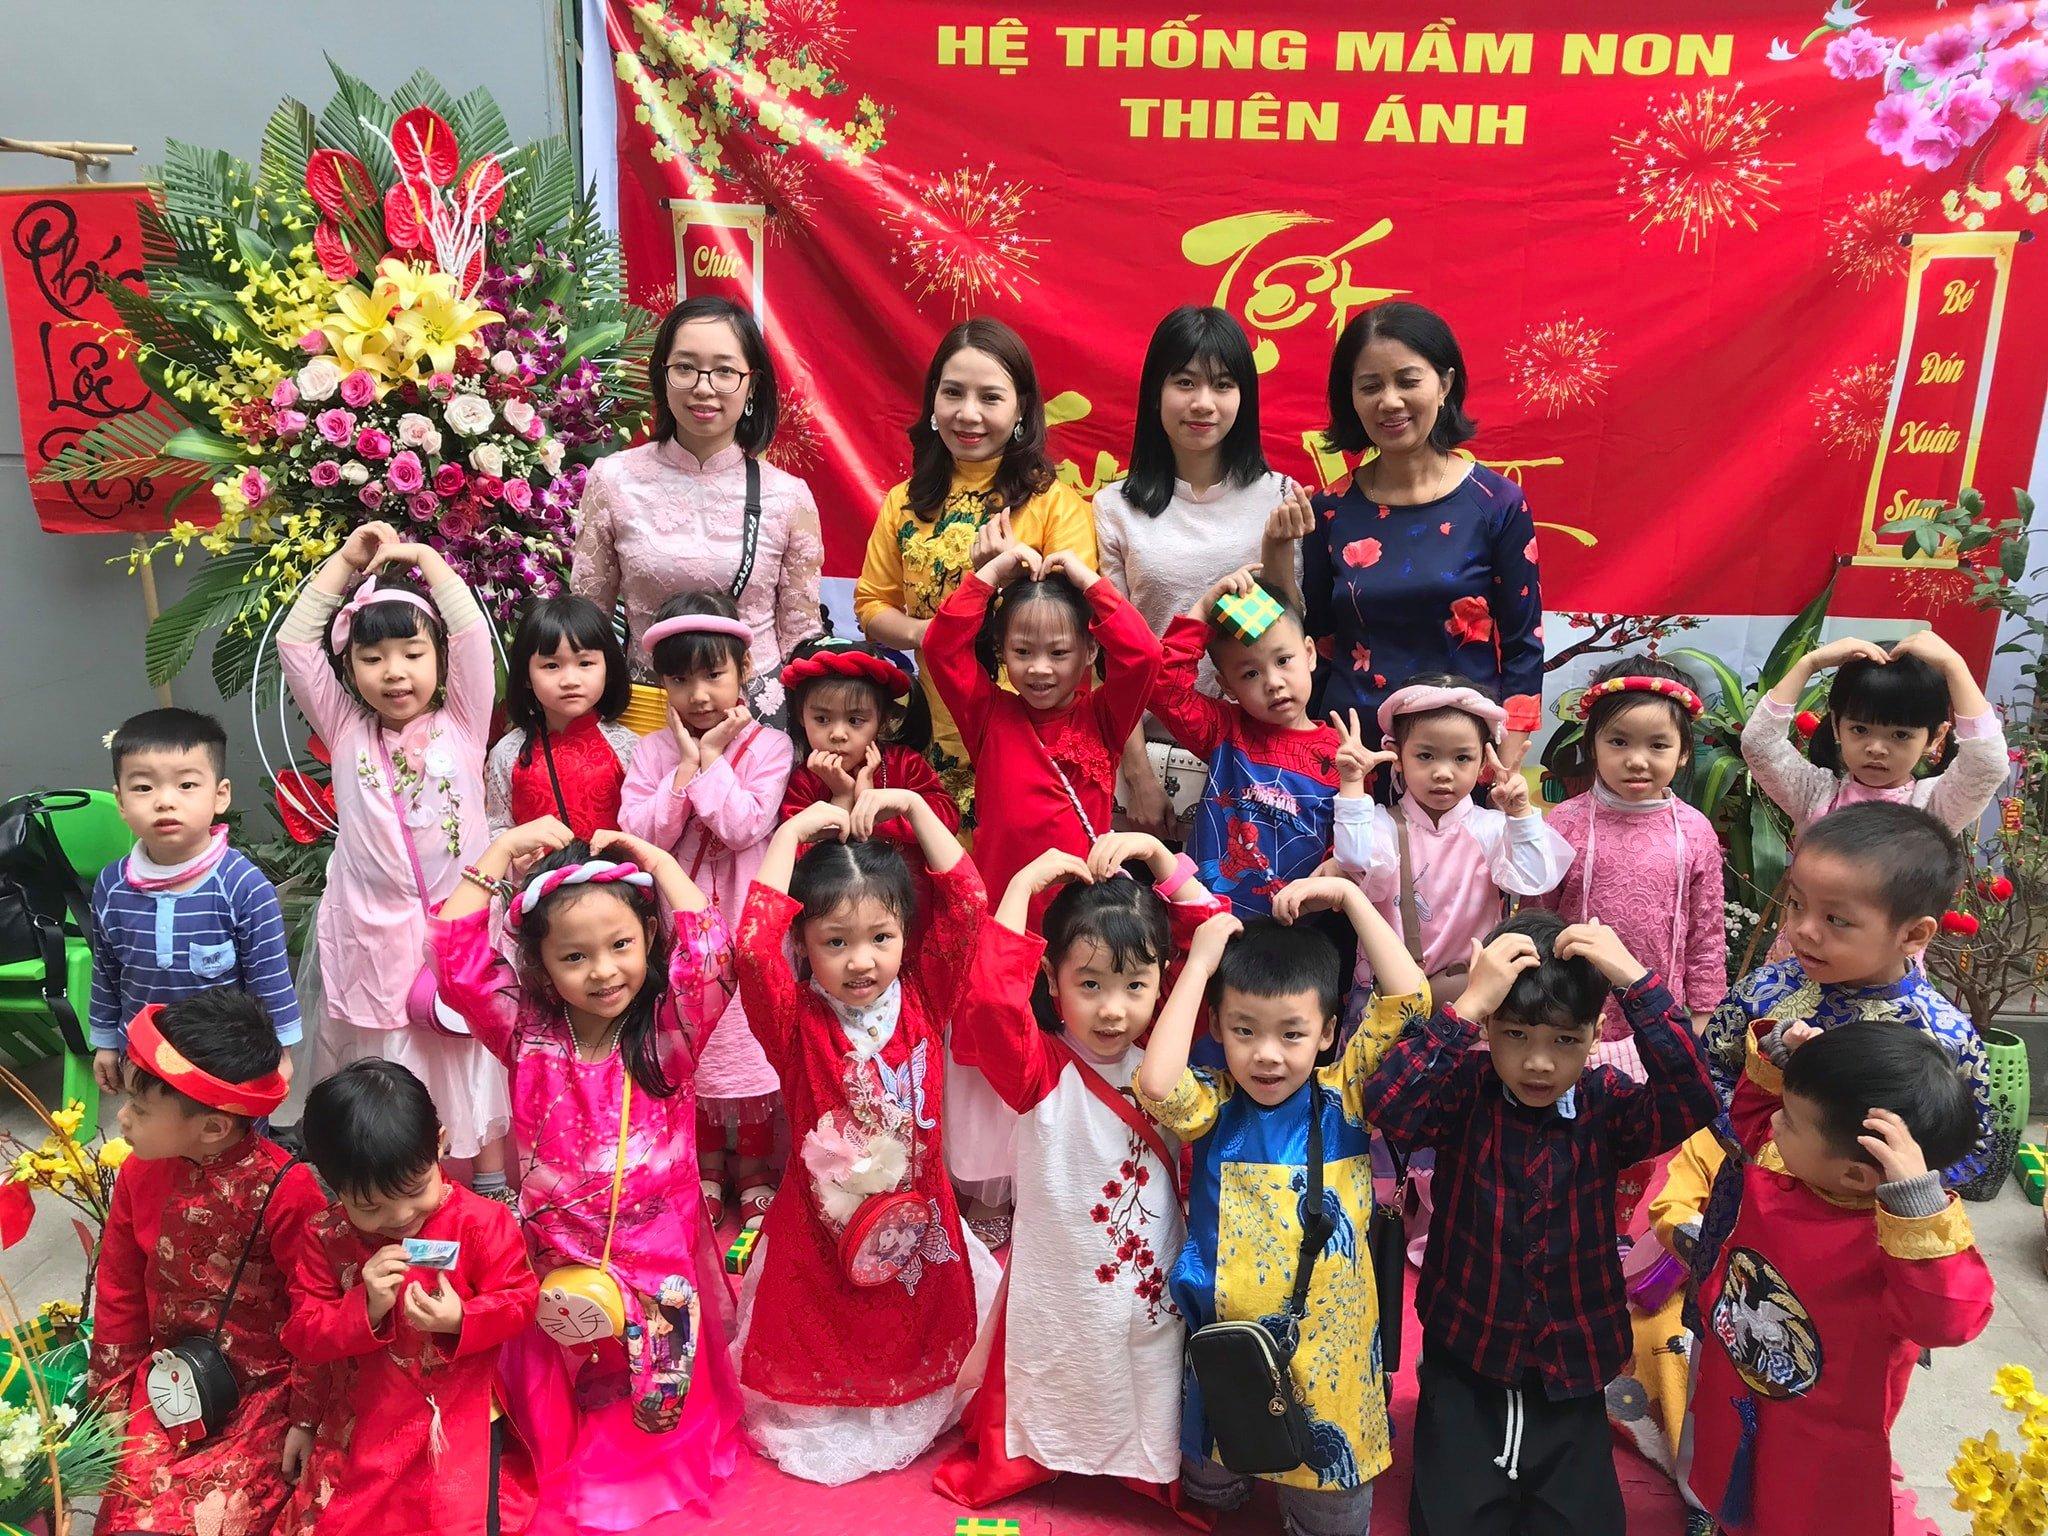 Trường mầm non Thiên Ánh - Láng Hạ